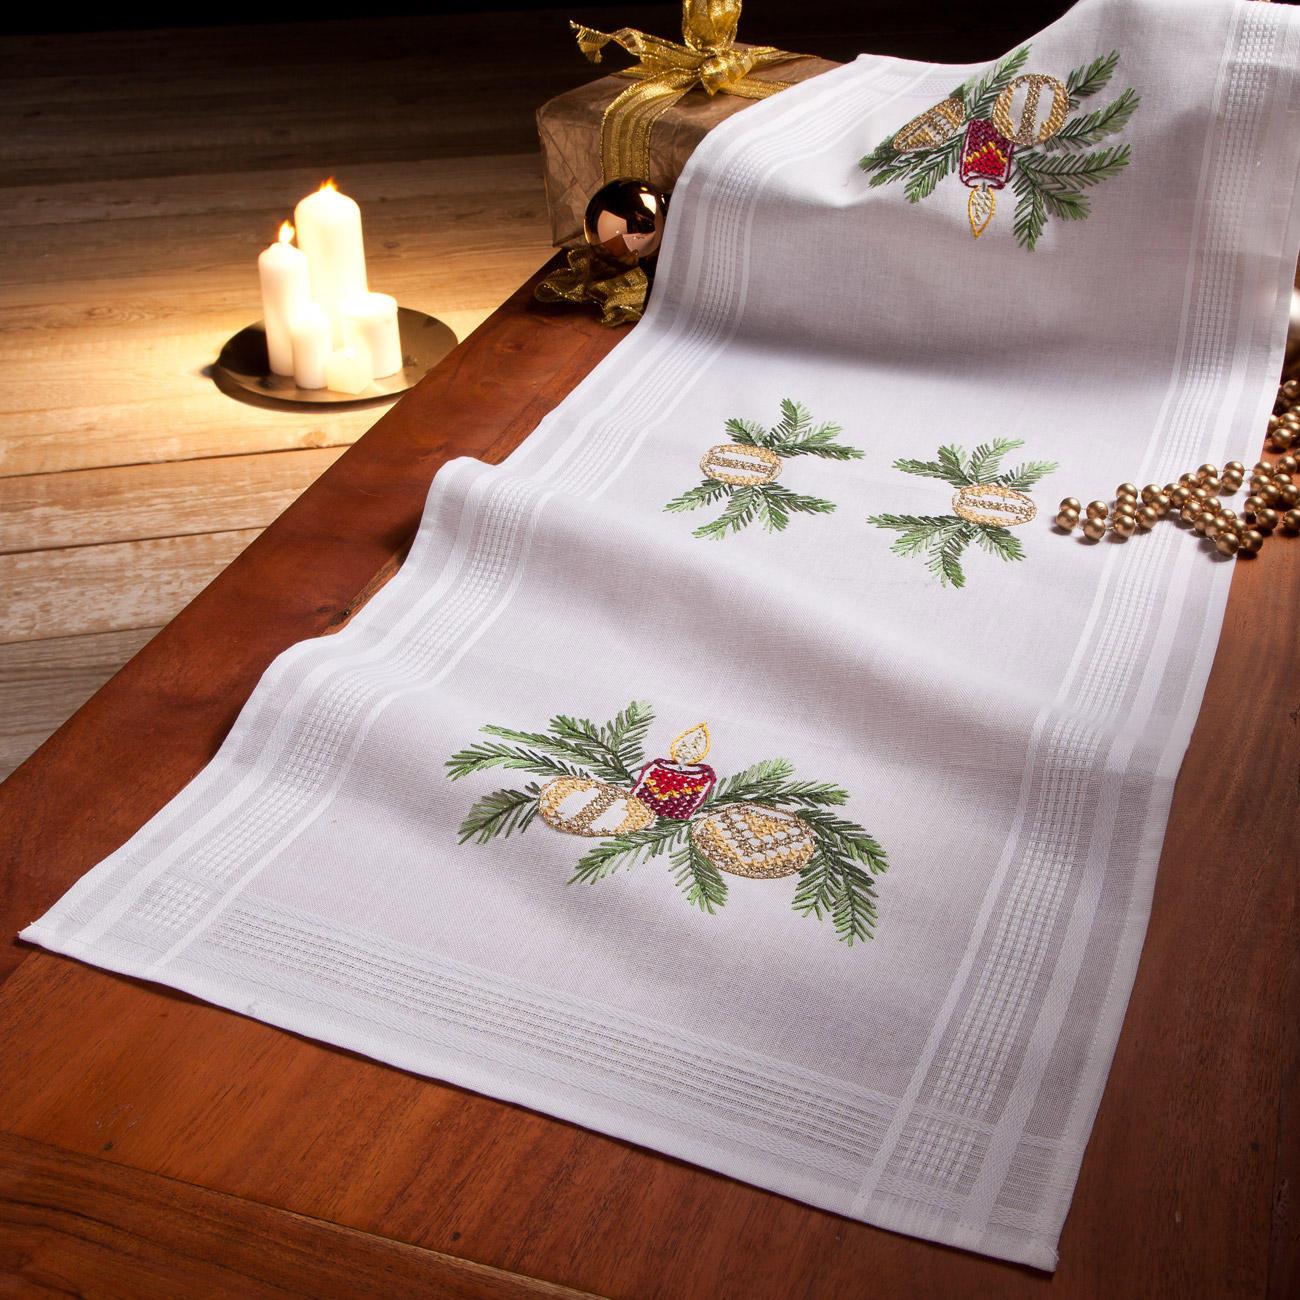 tischw sche mit eingewebtem zierrand weihnachten. Black Bedroom Furniture Sets. Home Design Ideas